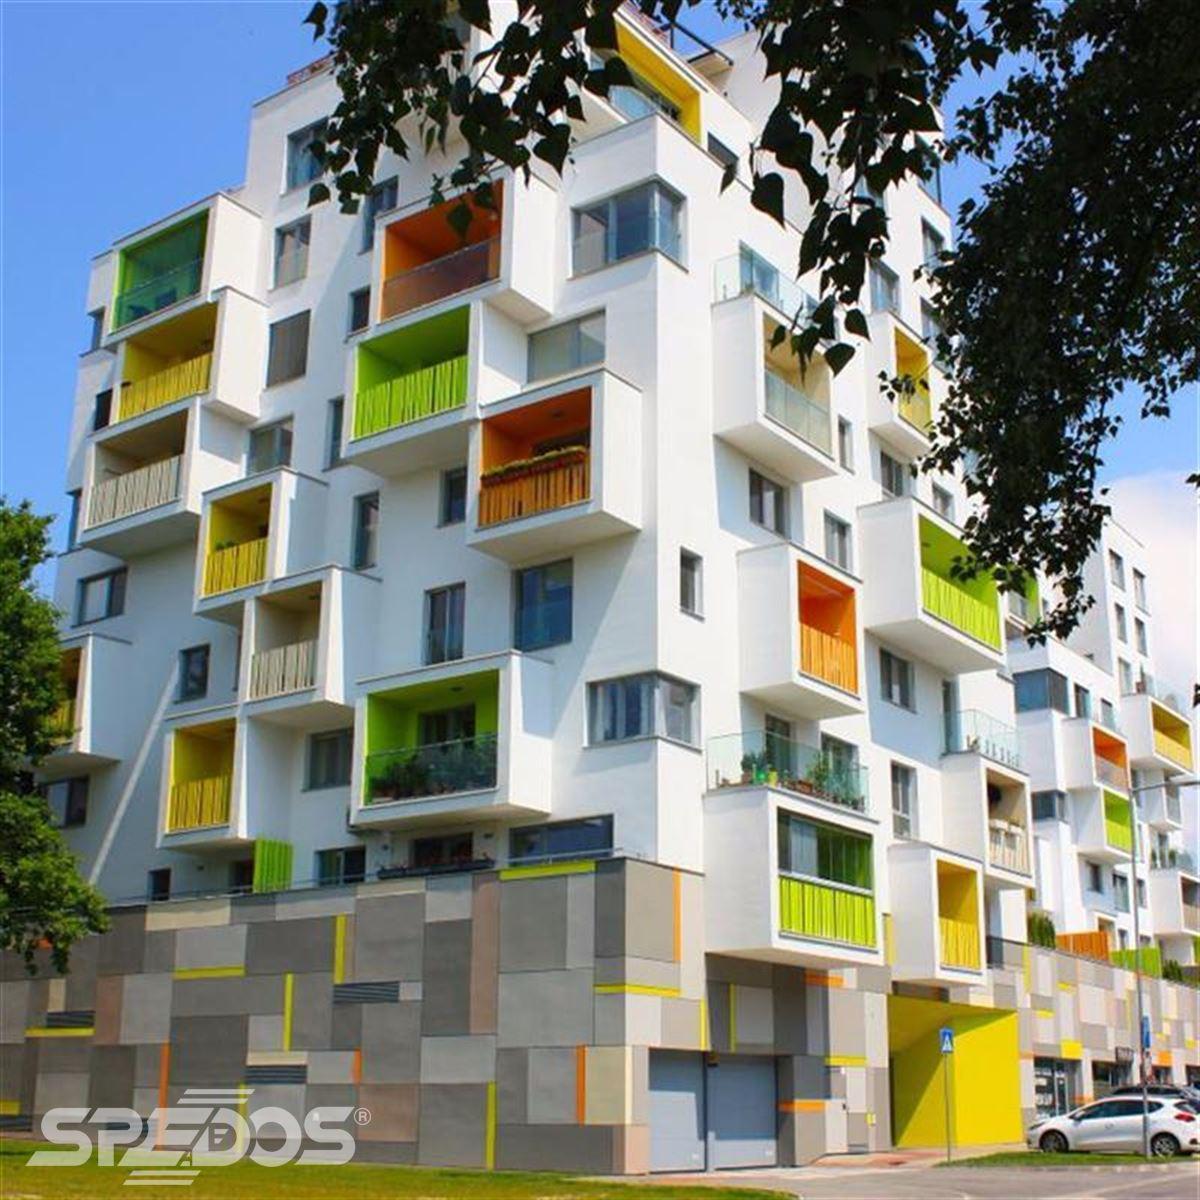 Zajímavé architektonické řešení